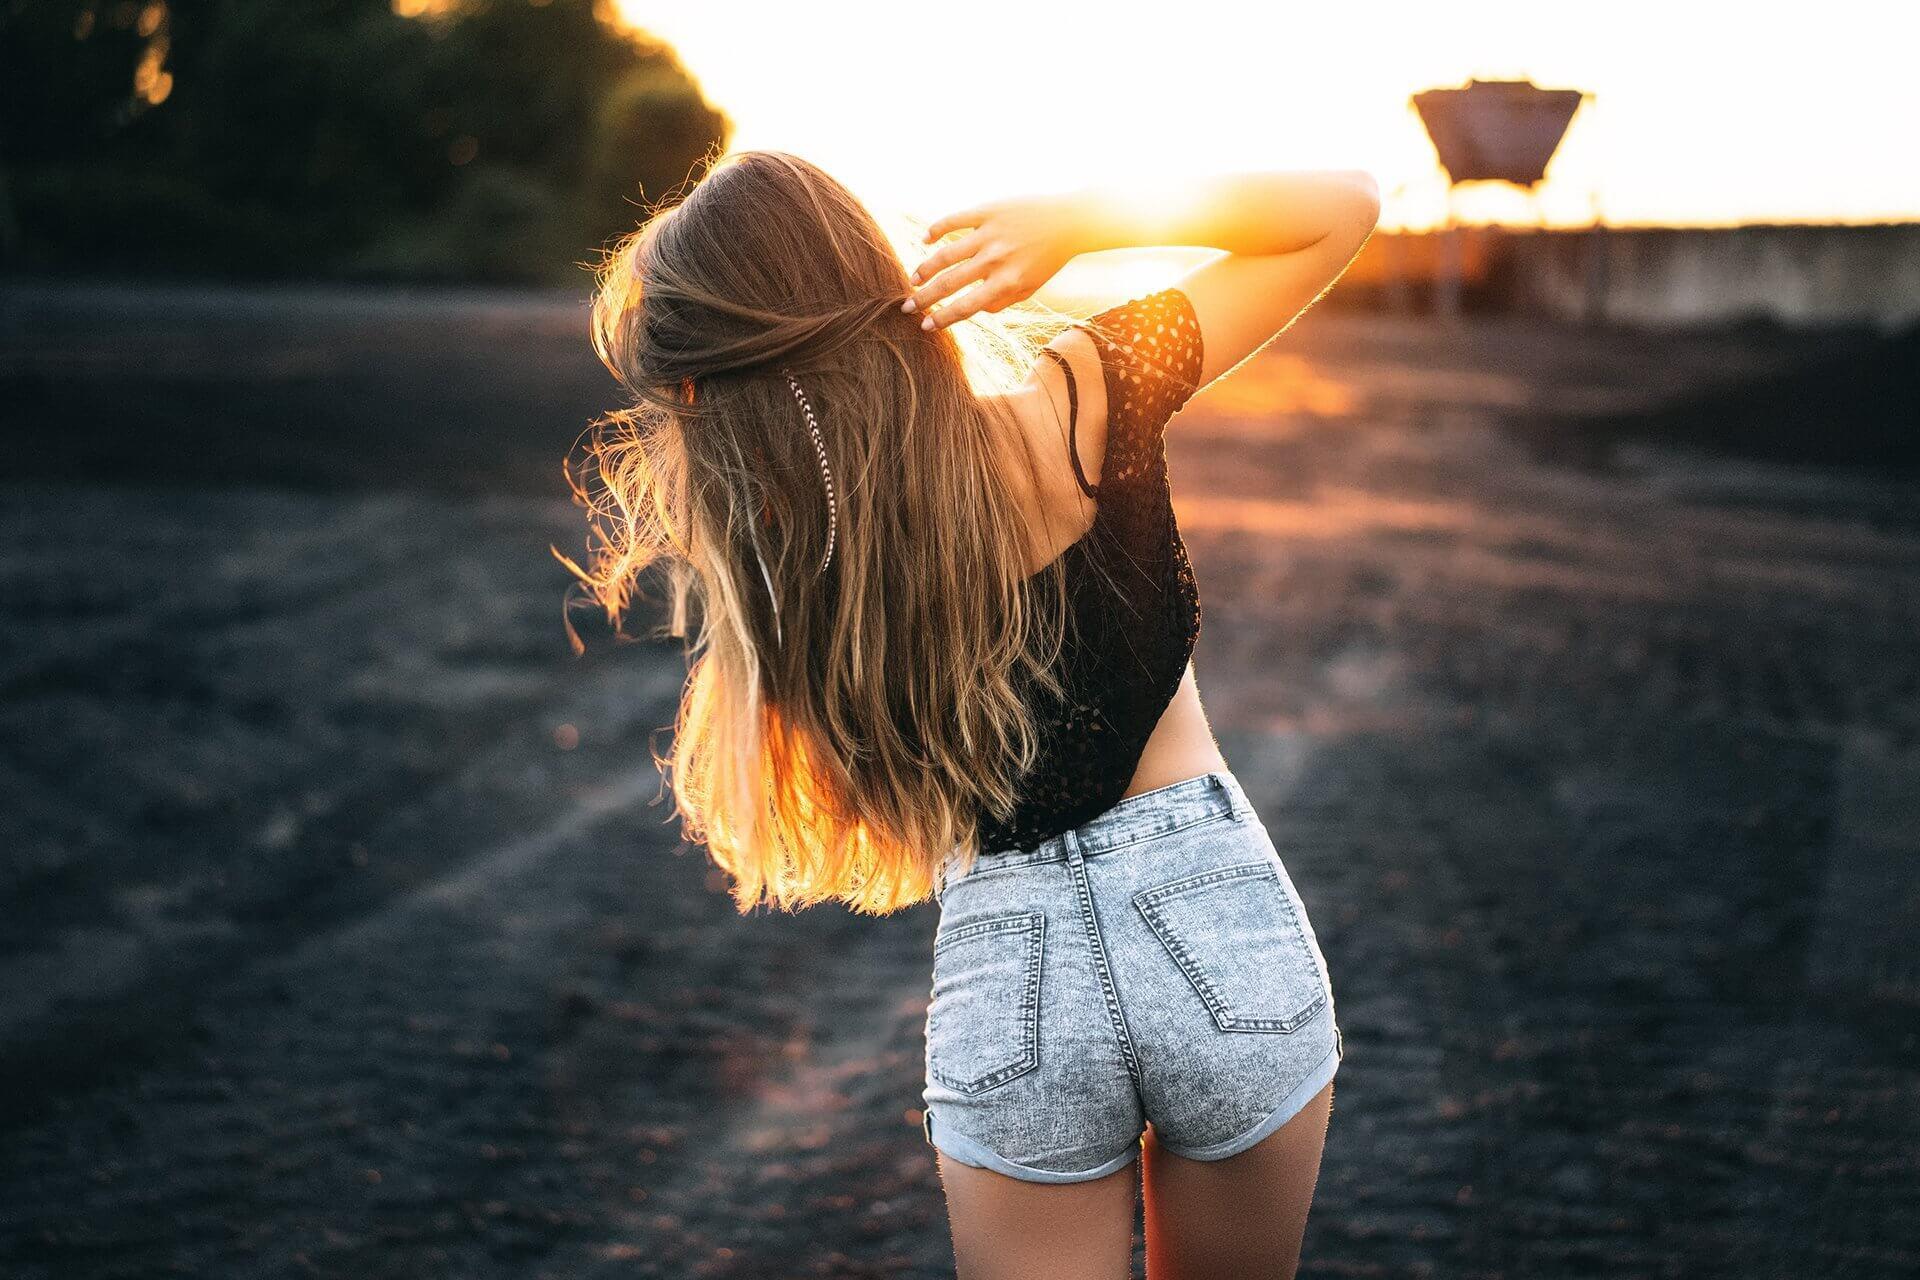 Картинки девушек на аву со спины - красивые и крутые 12